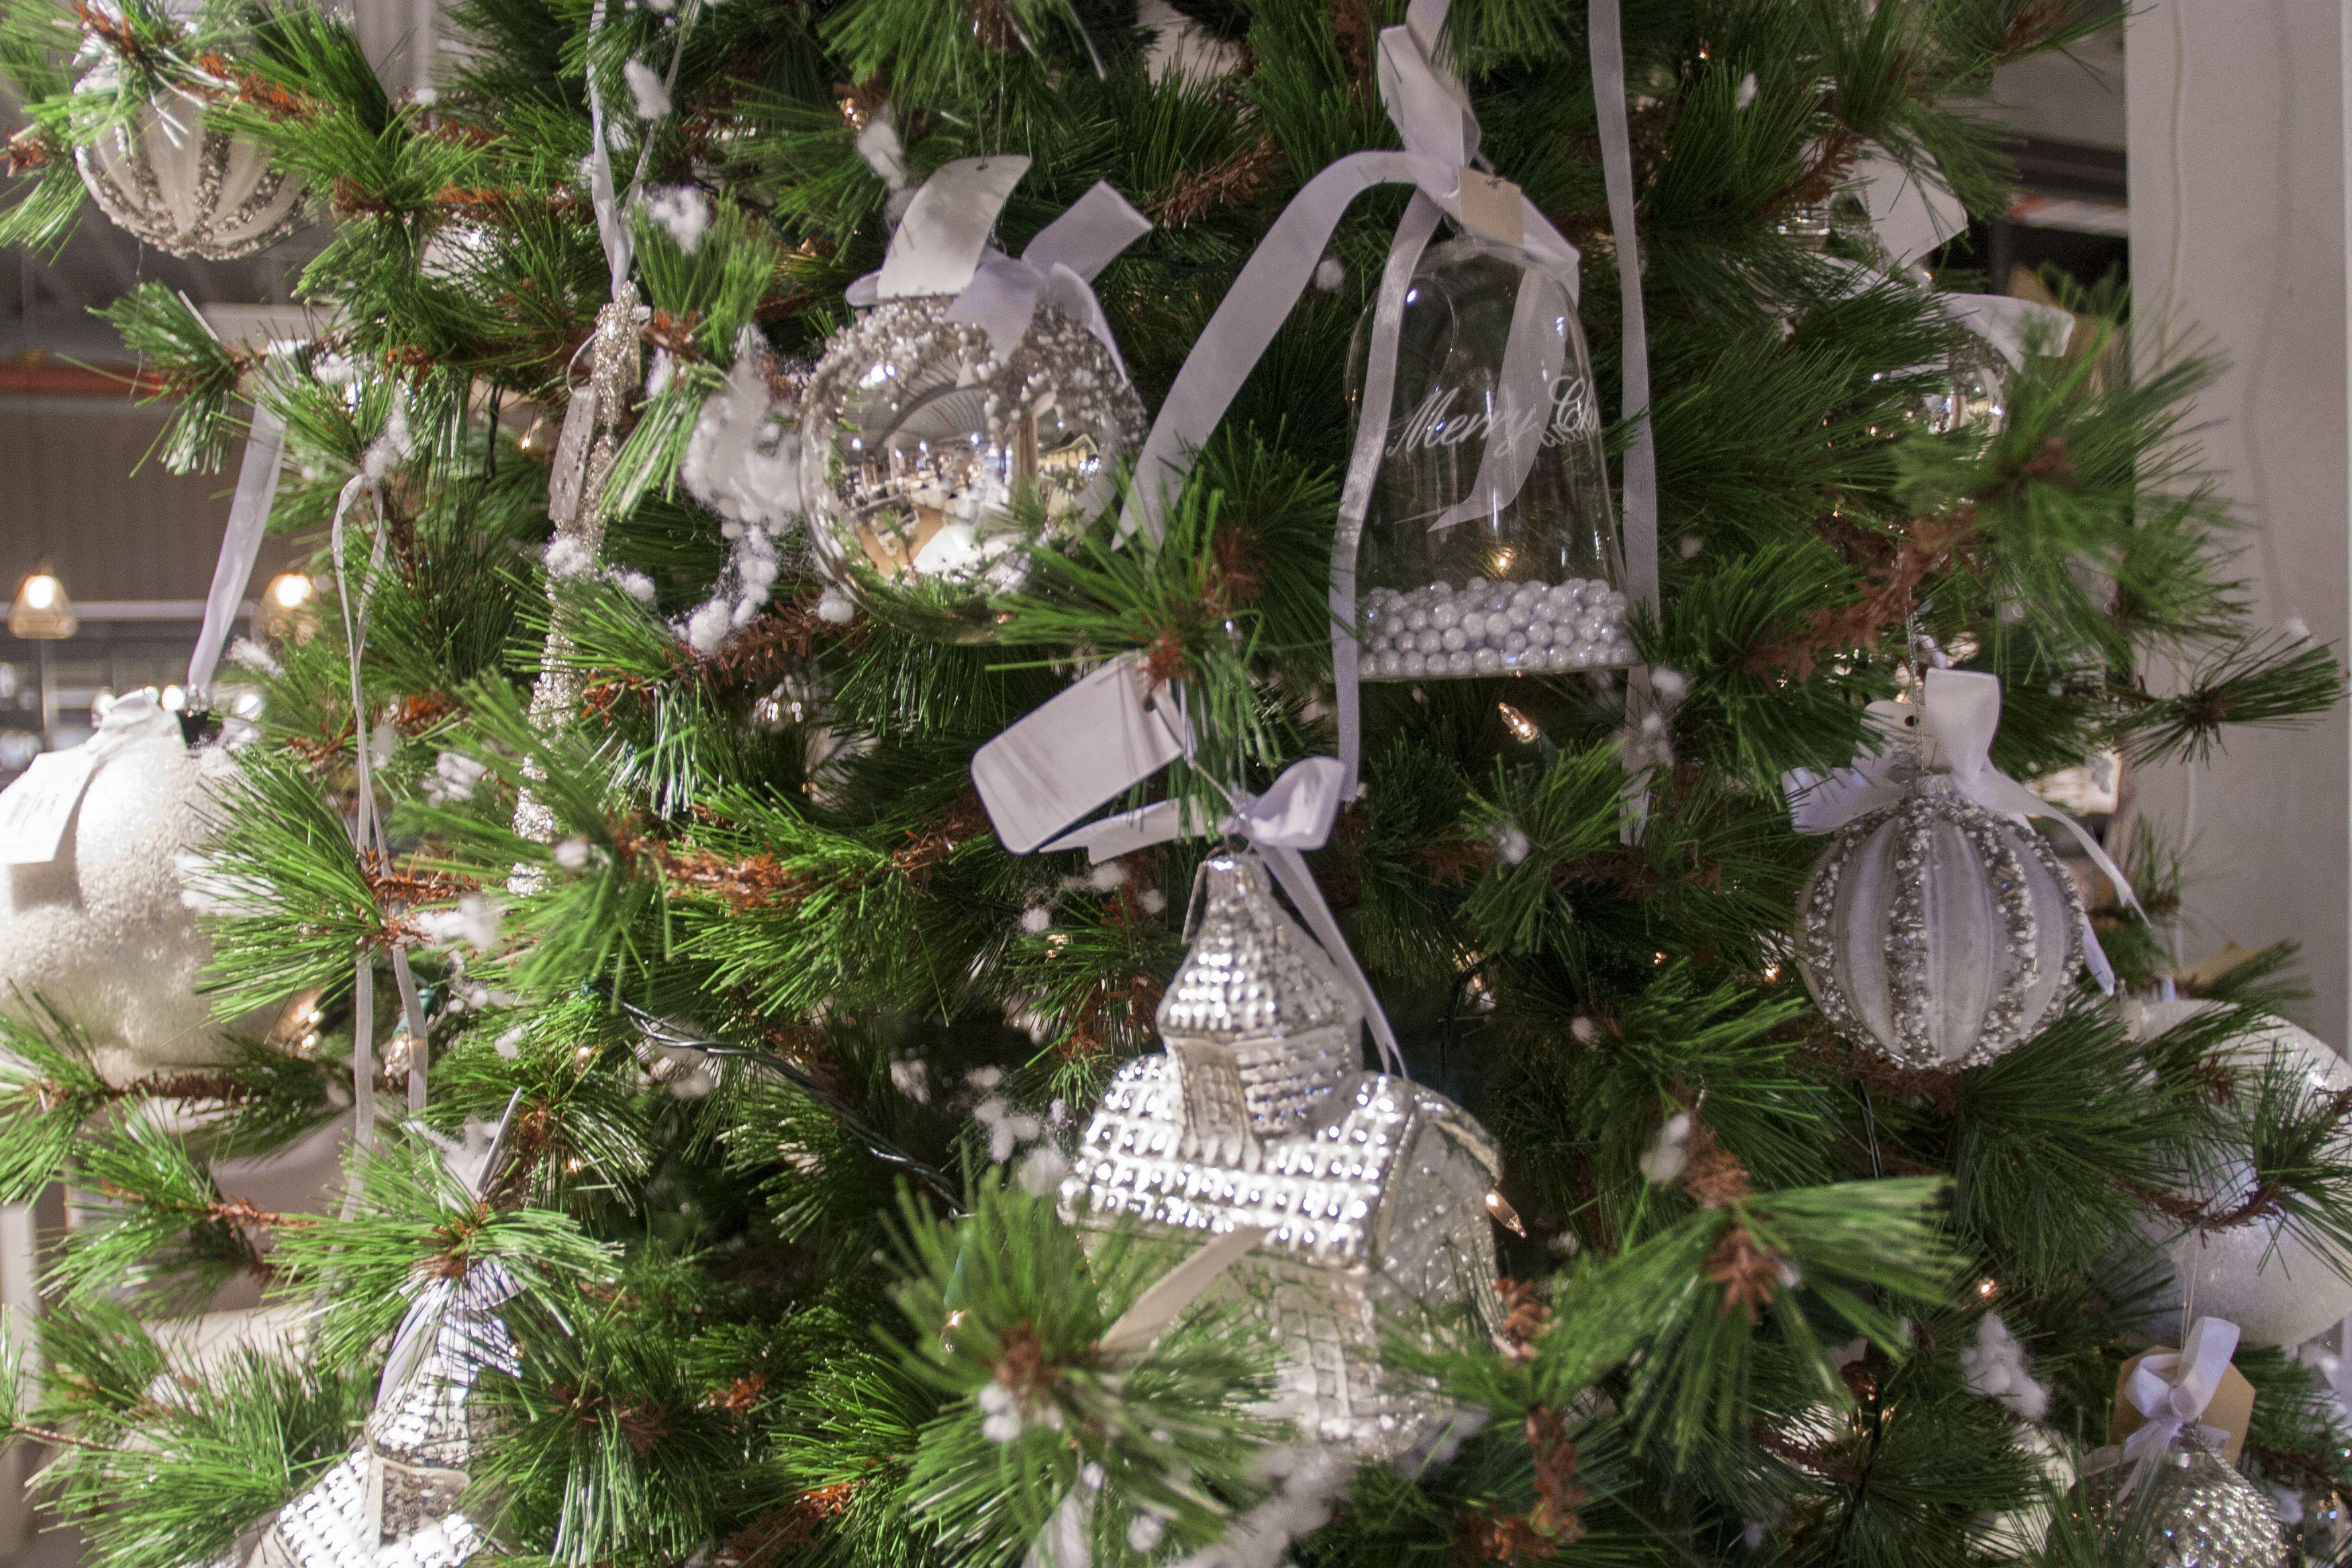 Kerstversieringen van rivi ra maison kerst bij home for Woonboulevard wolvega